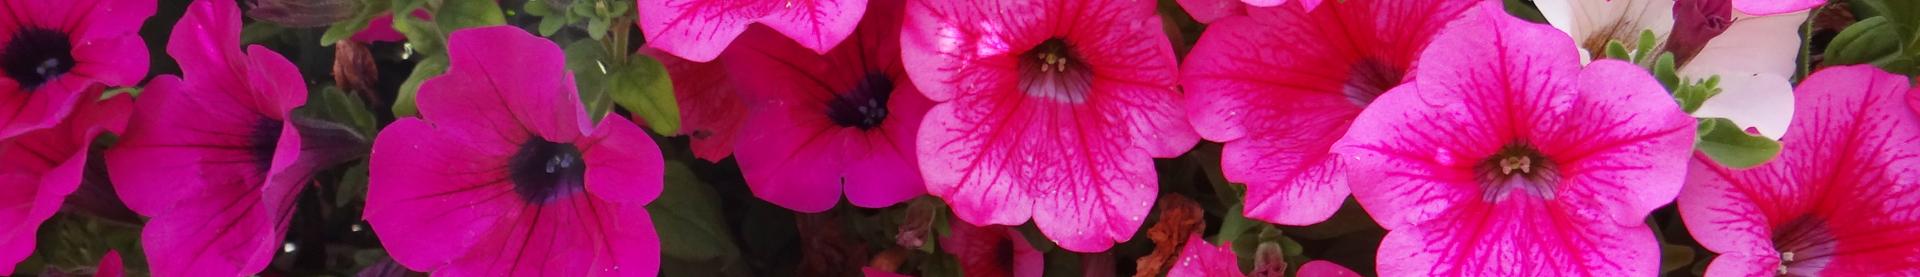 1 rośliny zimowe i wczesno wiosenne florens opole